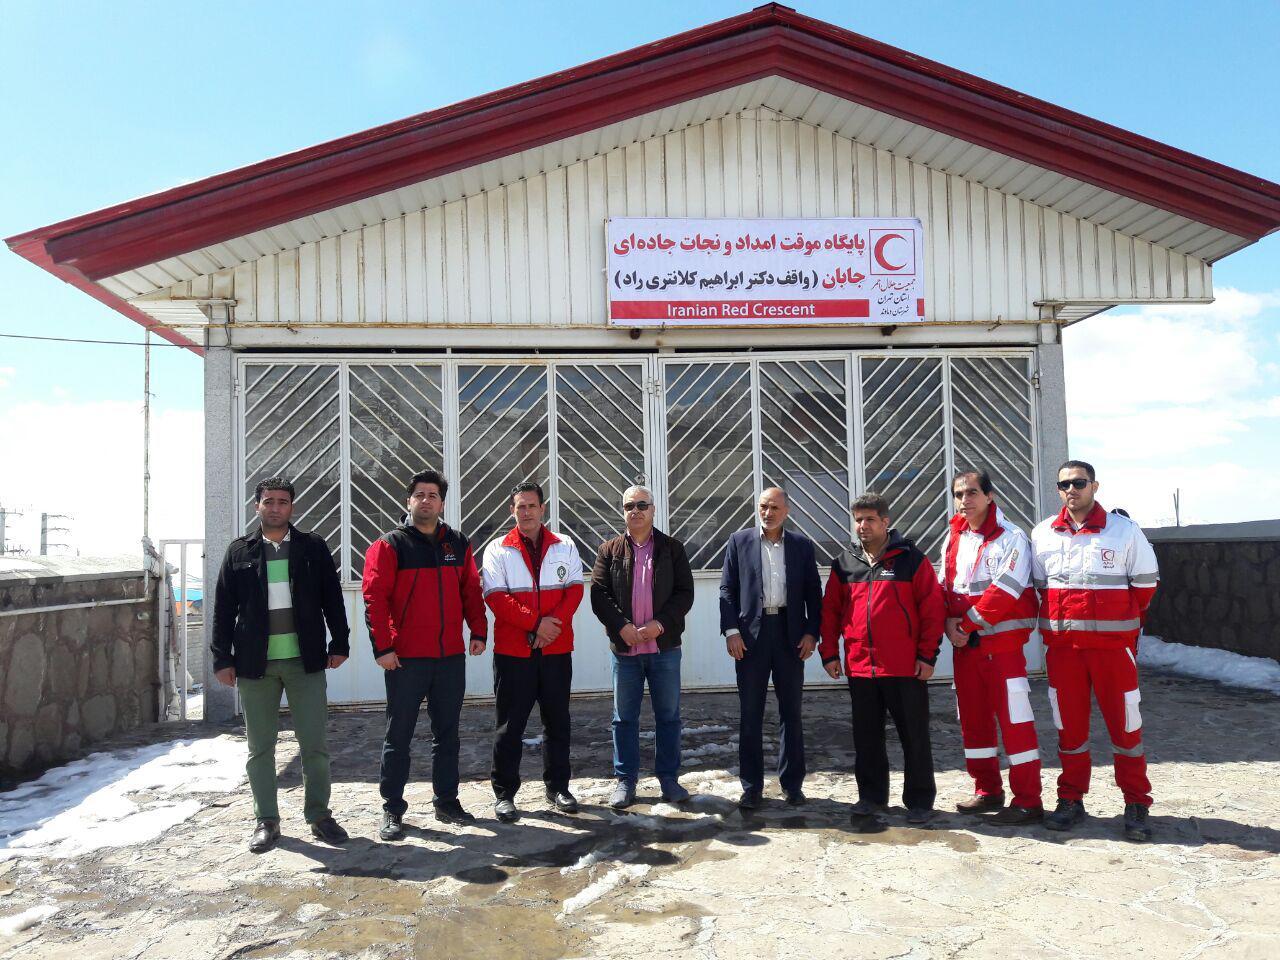 افتتاح و راهاندازی پایگاه موقت امداد و نجات جادهای جابان (1)